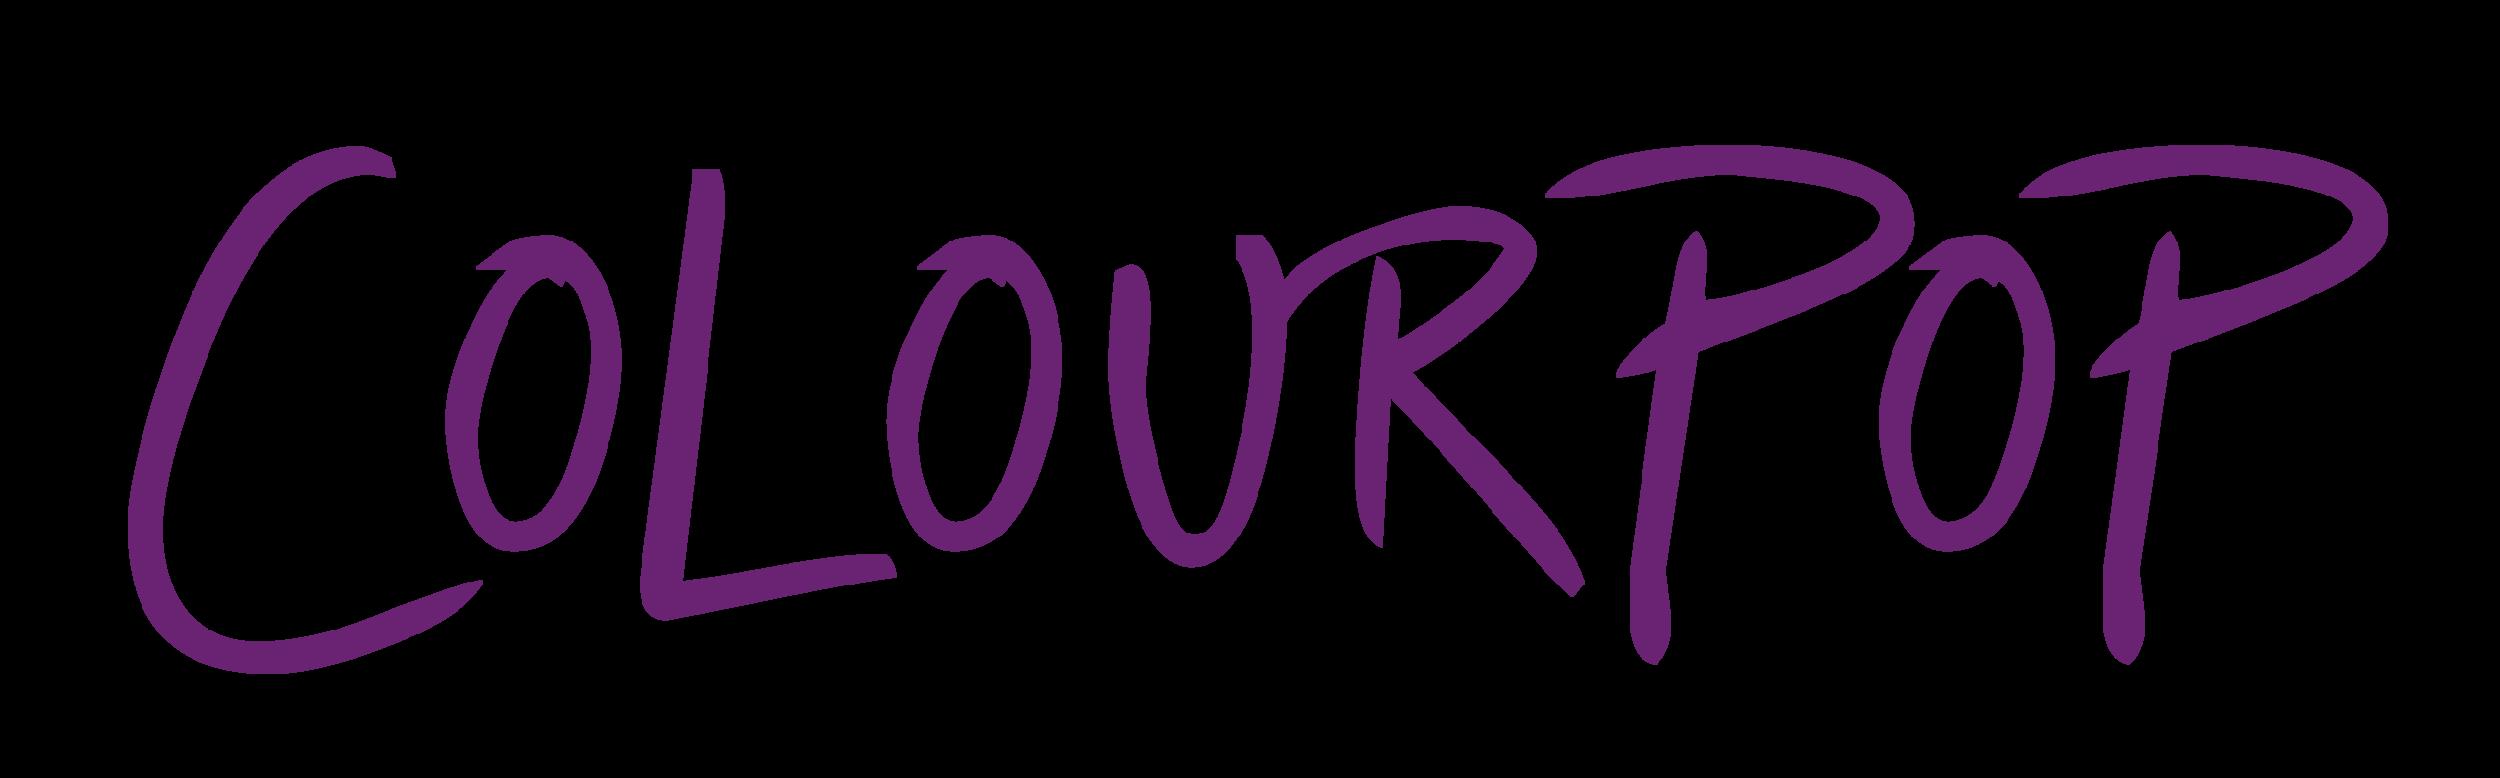 ColourPop Logo Vector.png